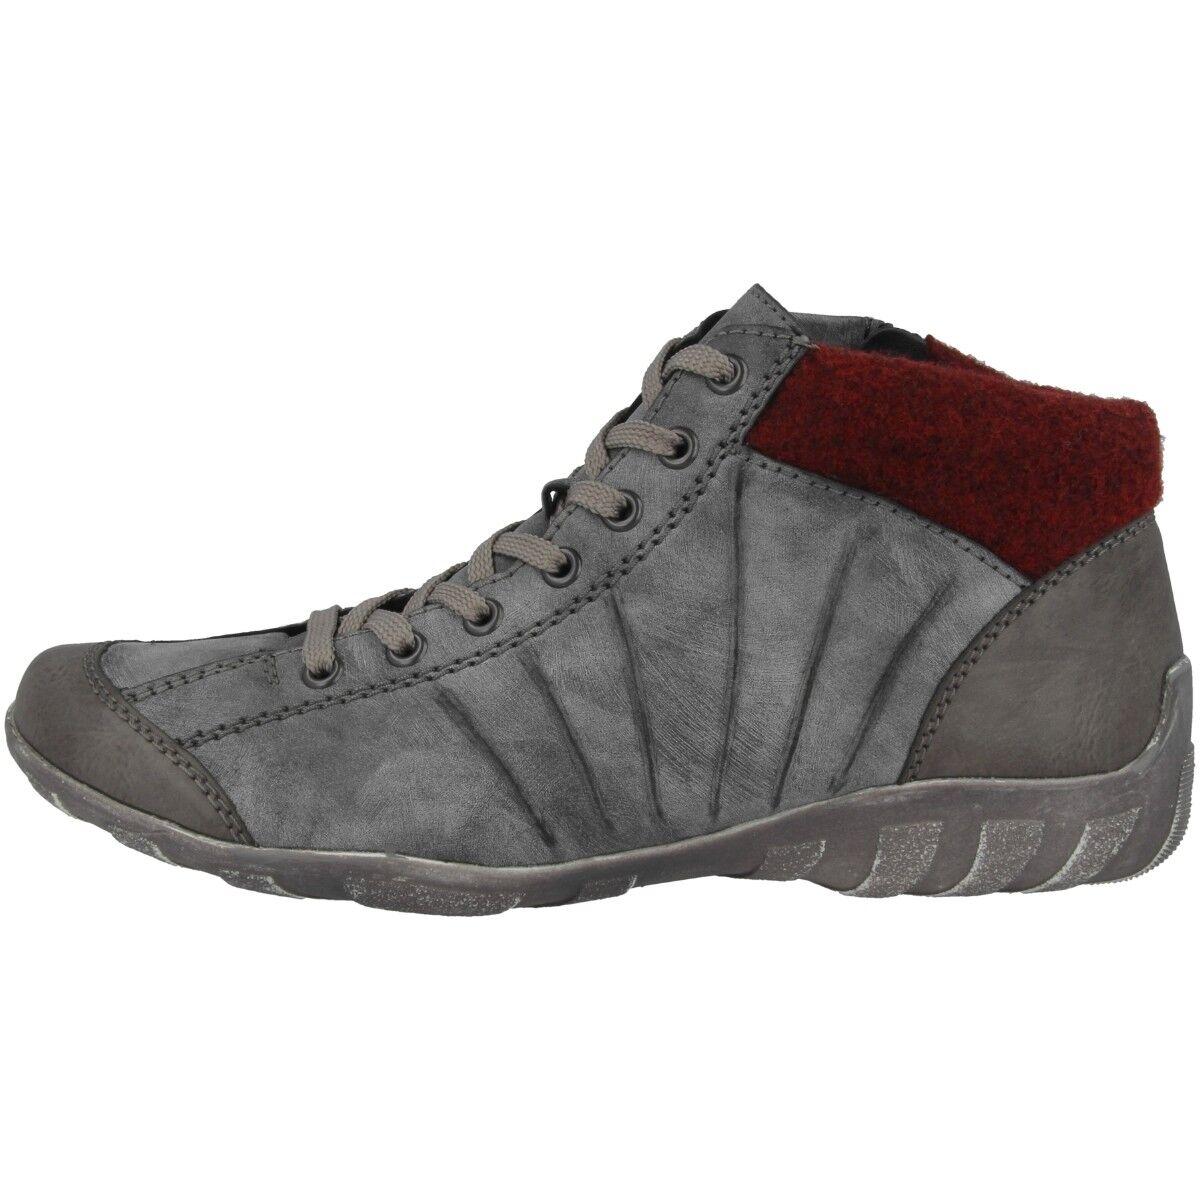 Rieker Eagle-Serbia-Filz L6545-46 Schuhe Damen Antistress Stiefeletten Stiefel L6545-46 Eagle-Serbia-Filz b31c46